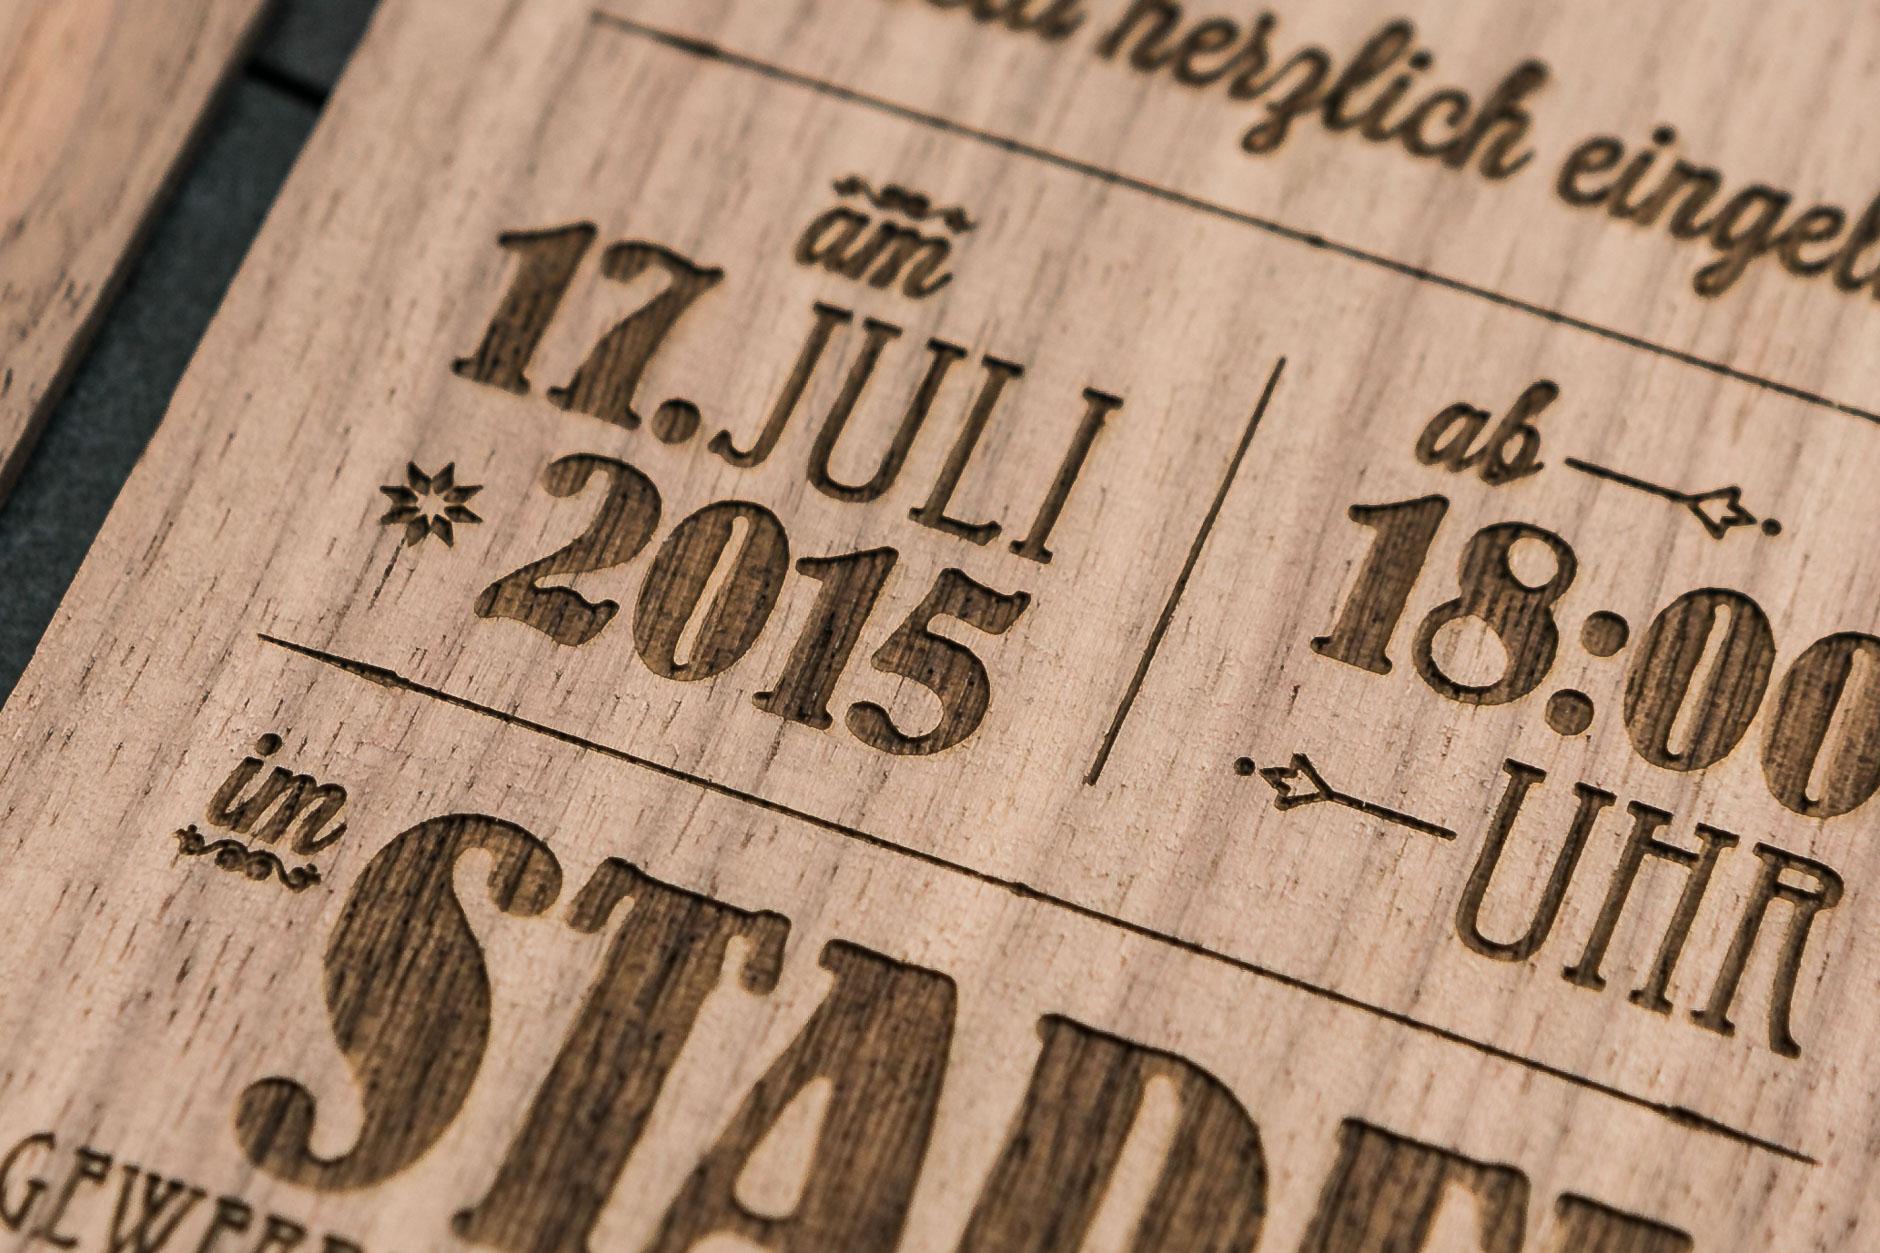 Schön Gestaltung Und Design Einer Einladungskarte Aus Holz. Format DinA6  Postkartenformat, Massive Nussbaumbrettchen 2mm Dick, Konturen  Lasergeschnitten.